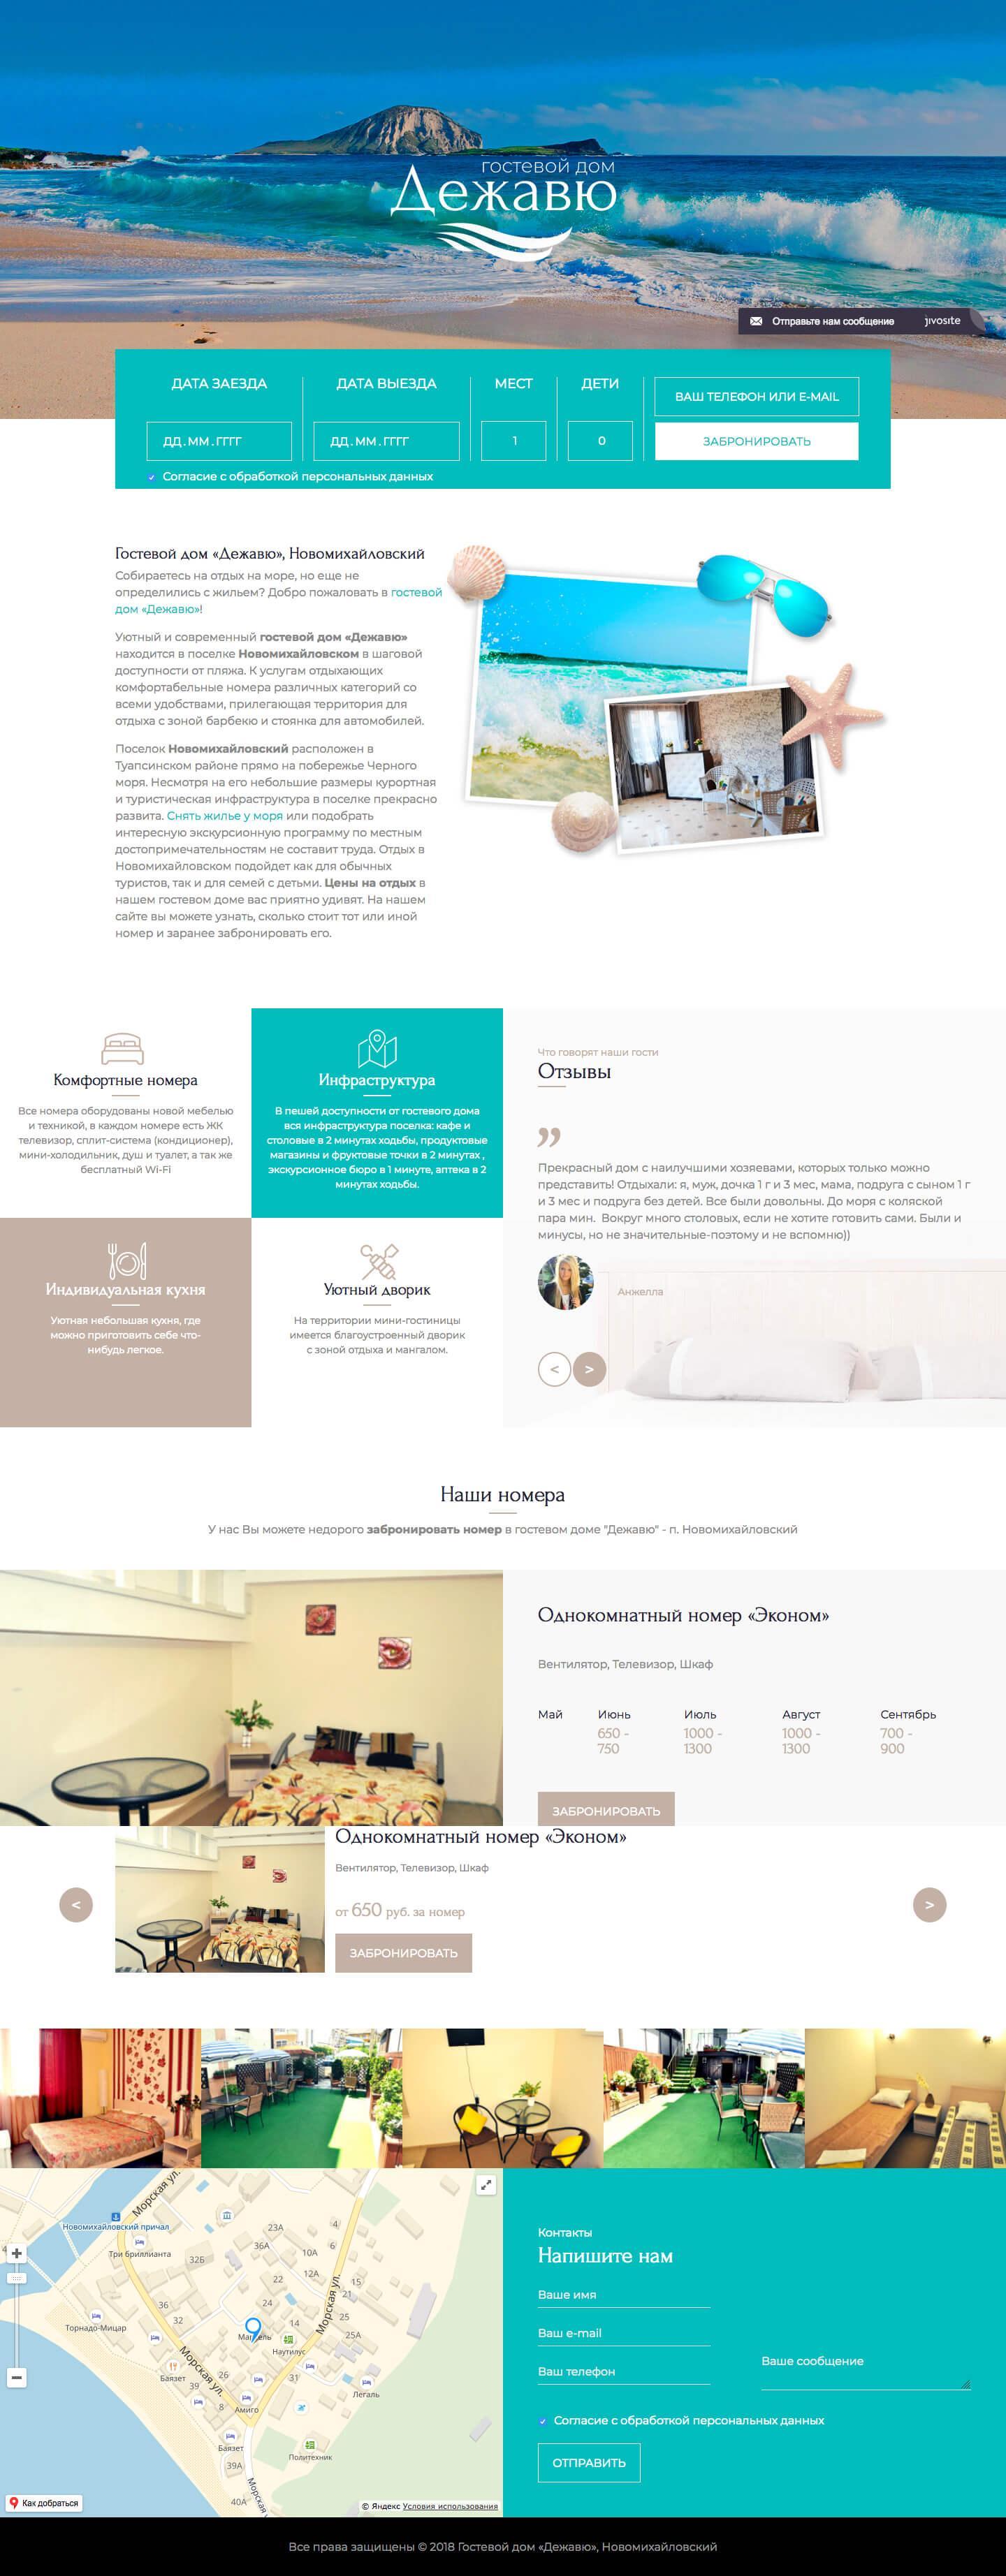 Создание сайта для гостевого дома